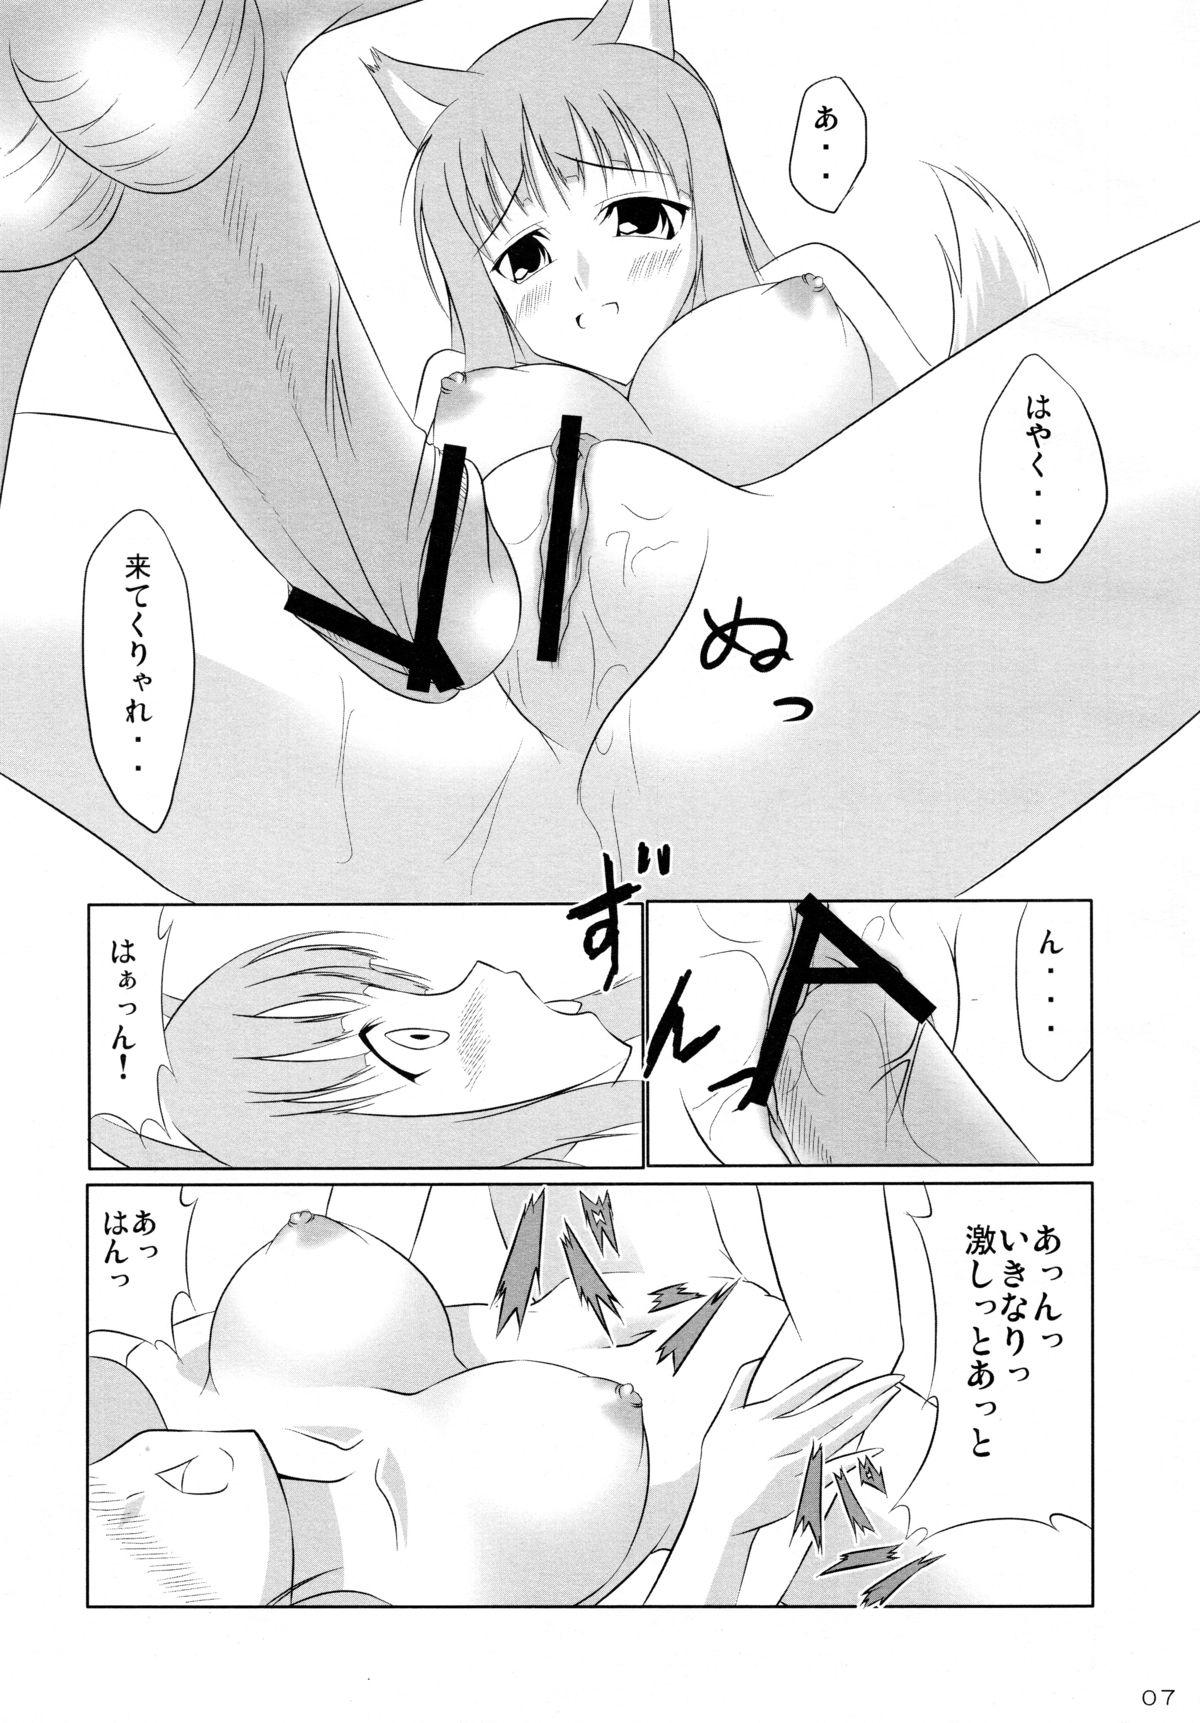 Ookami to Ringo no Hachimitsuzuke 6